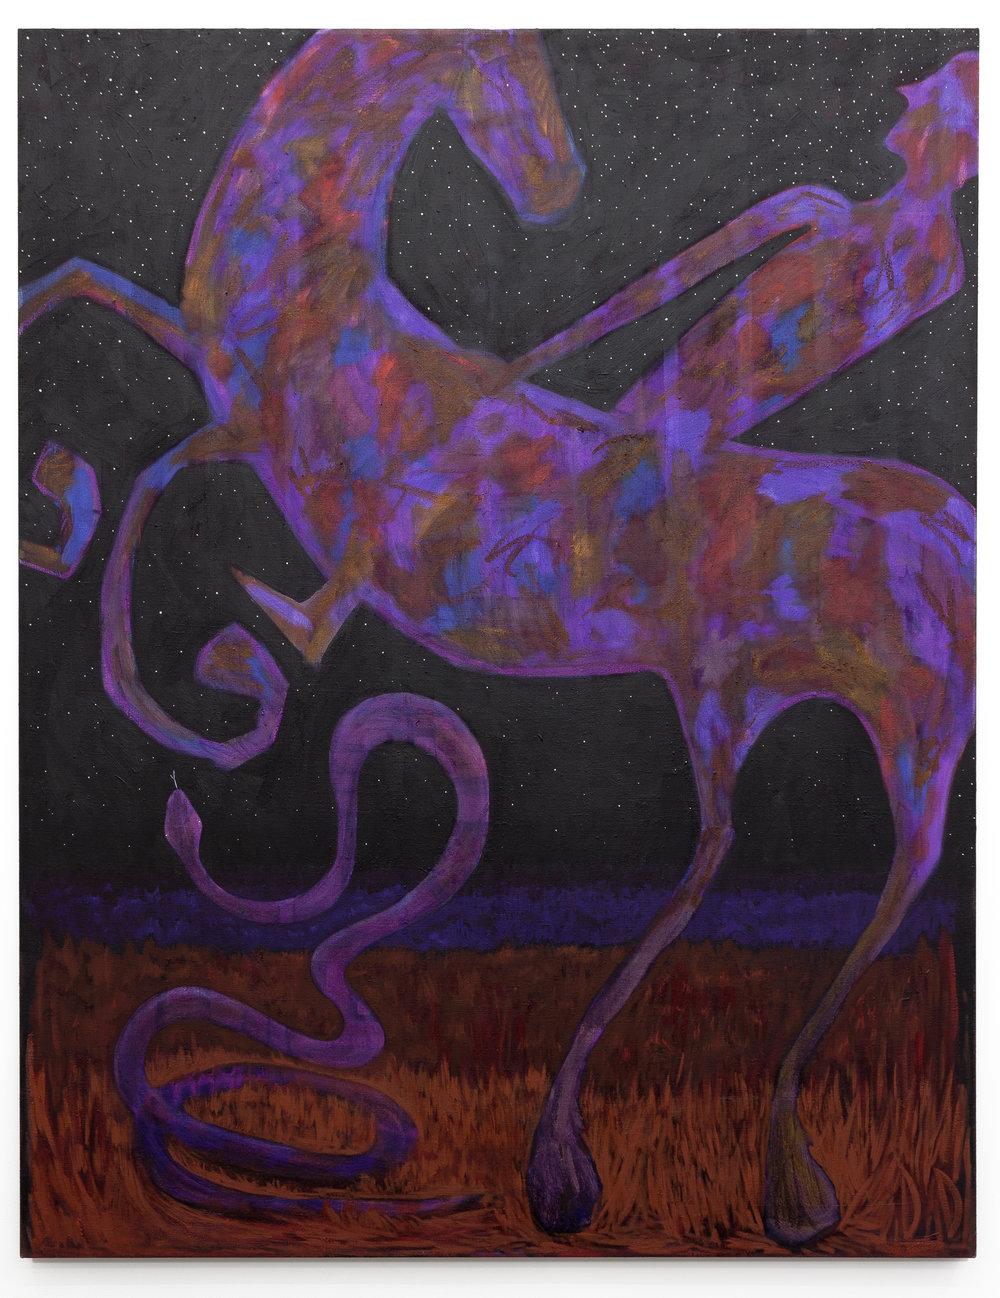 Snake on a Plain  Oil on Flax  170 x 220 cm